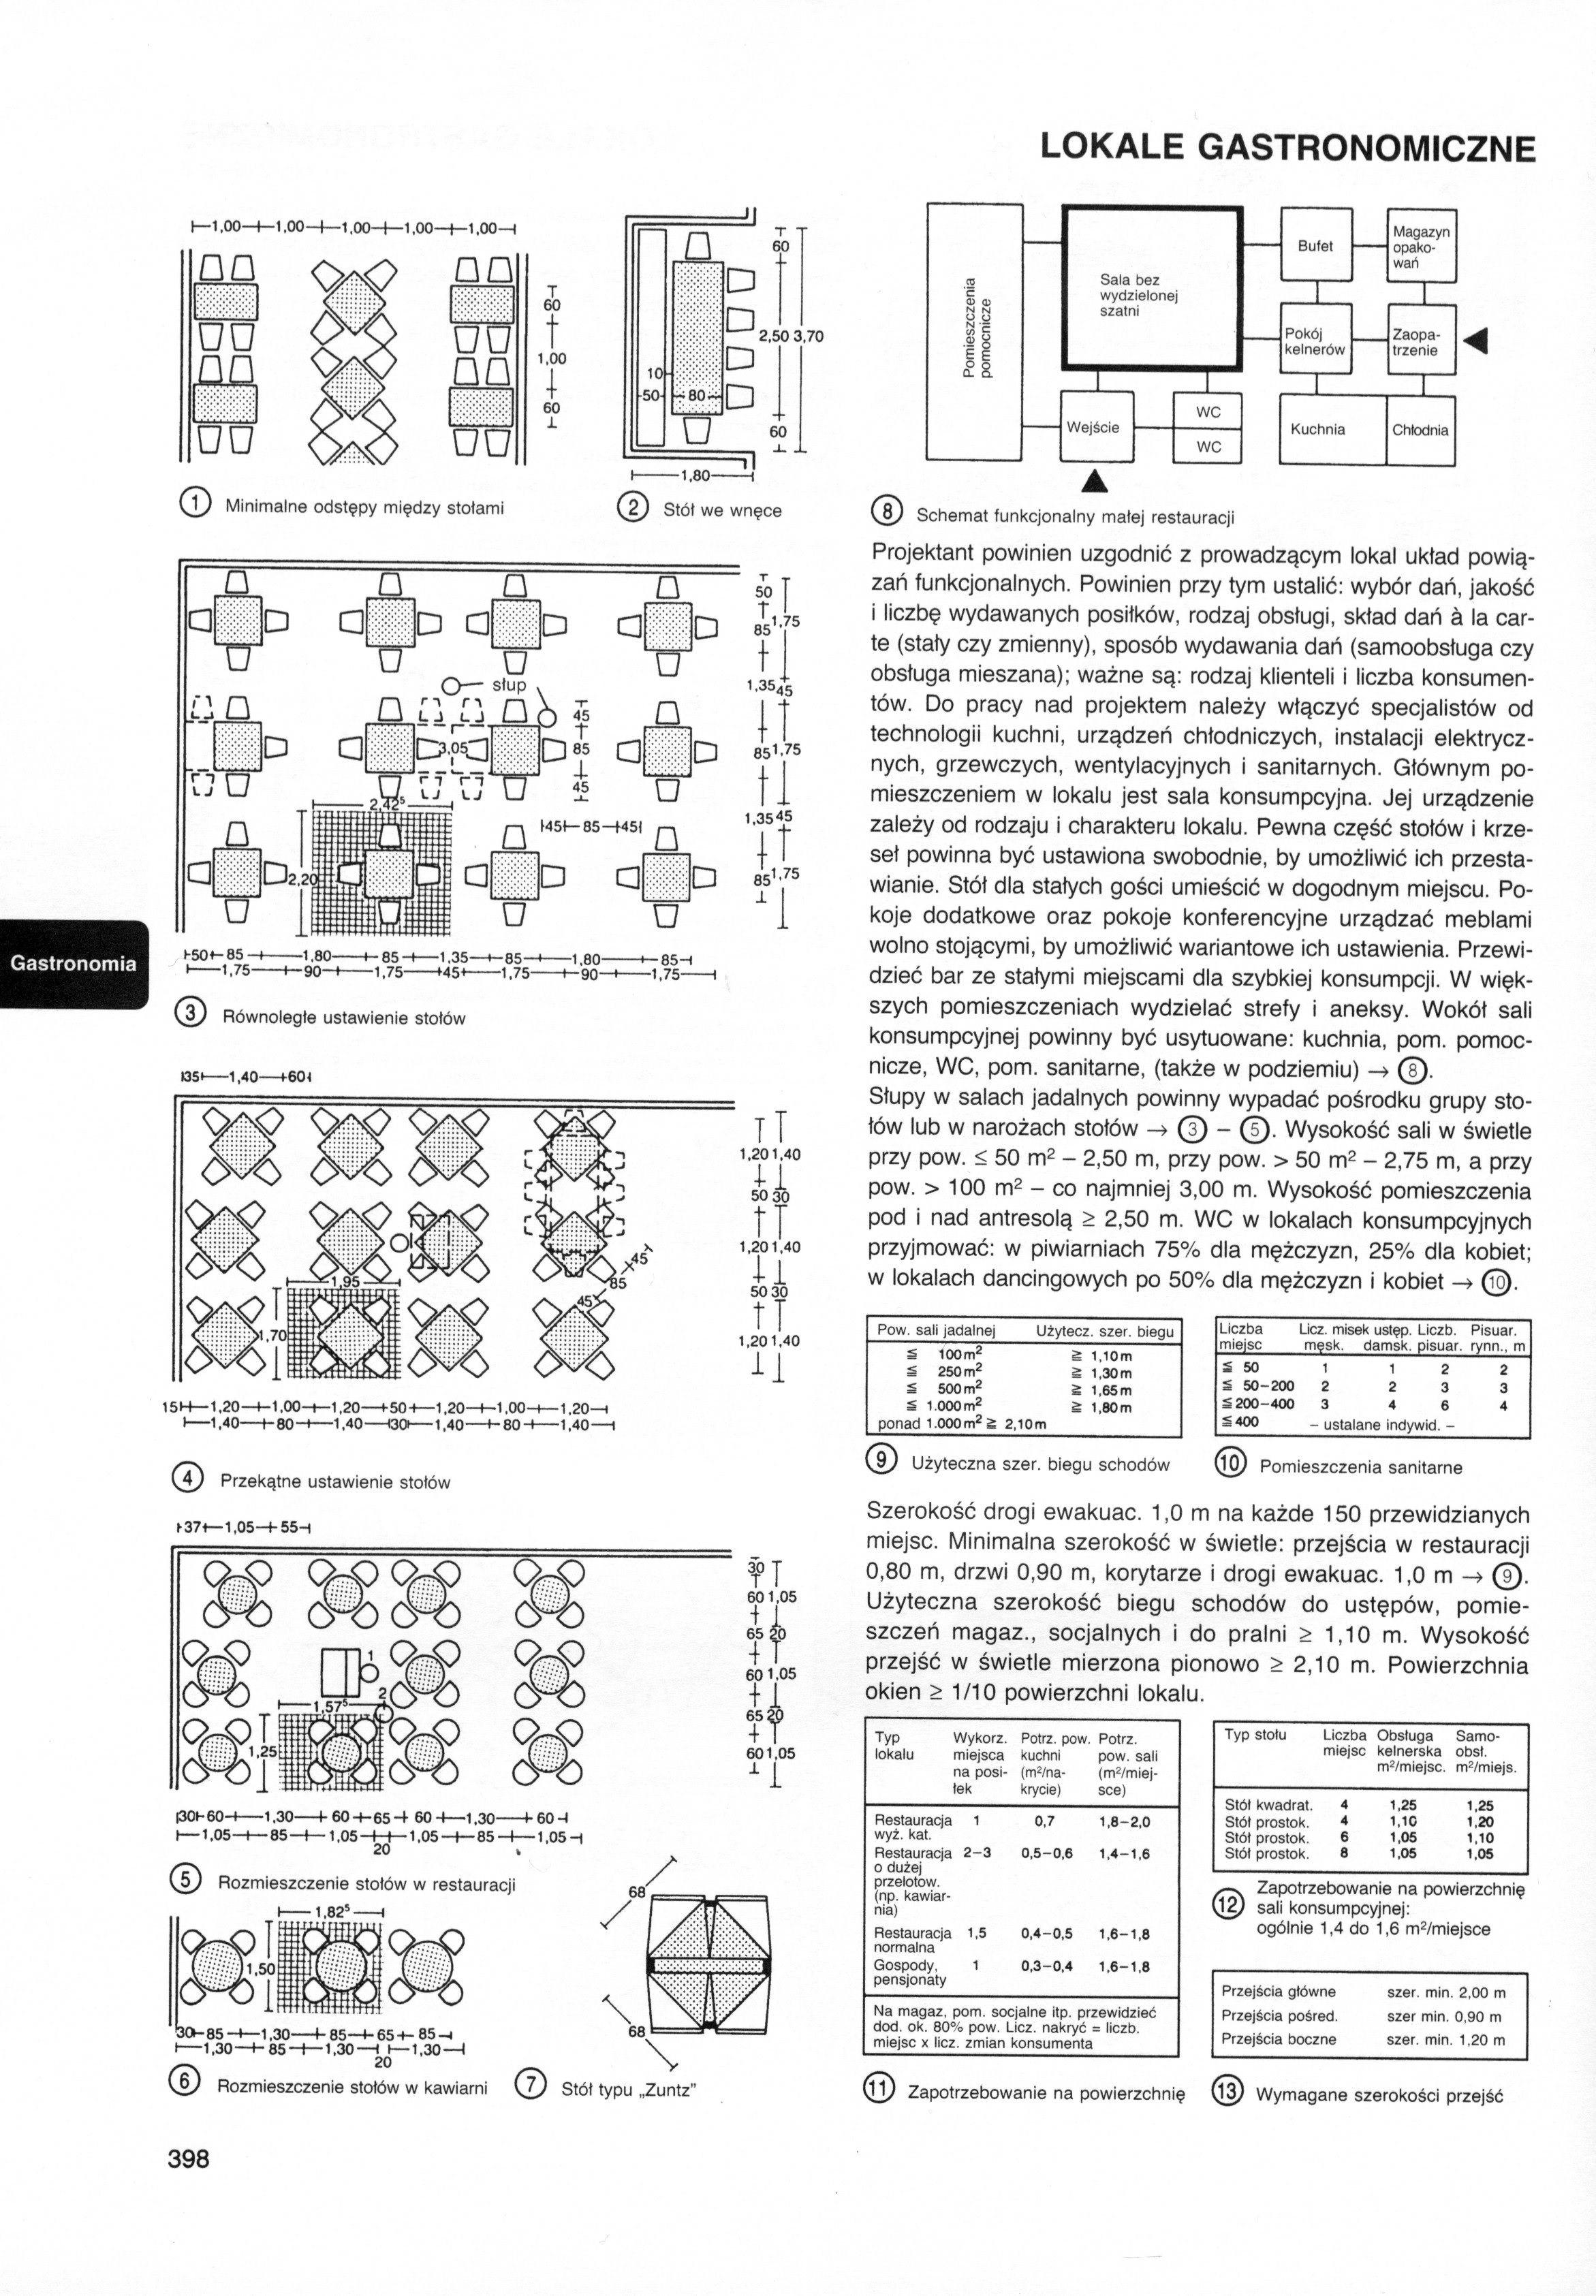 Neufert S 398 Bullet Journal Journal Diagram